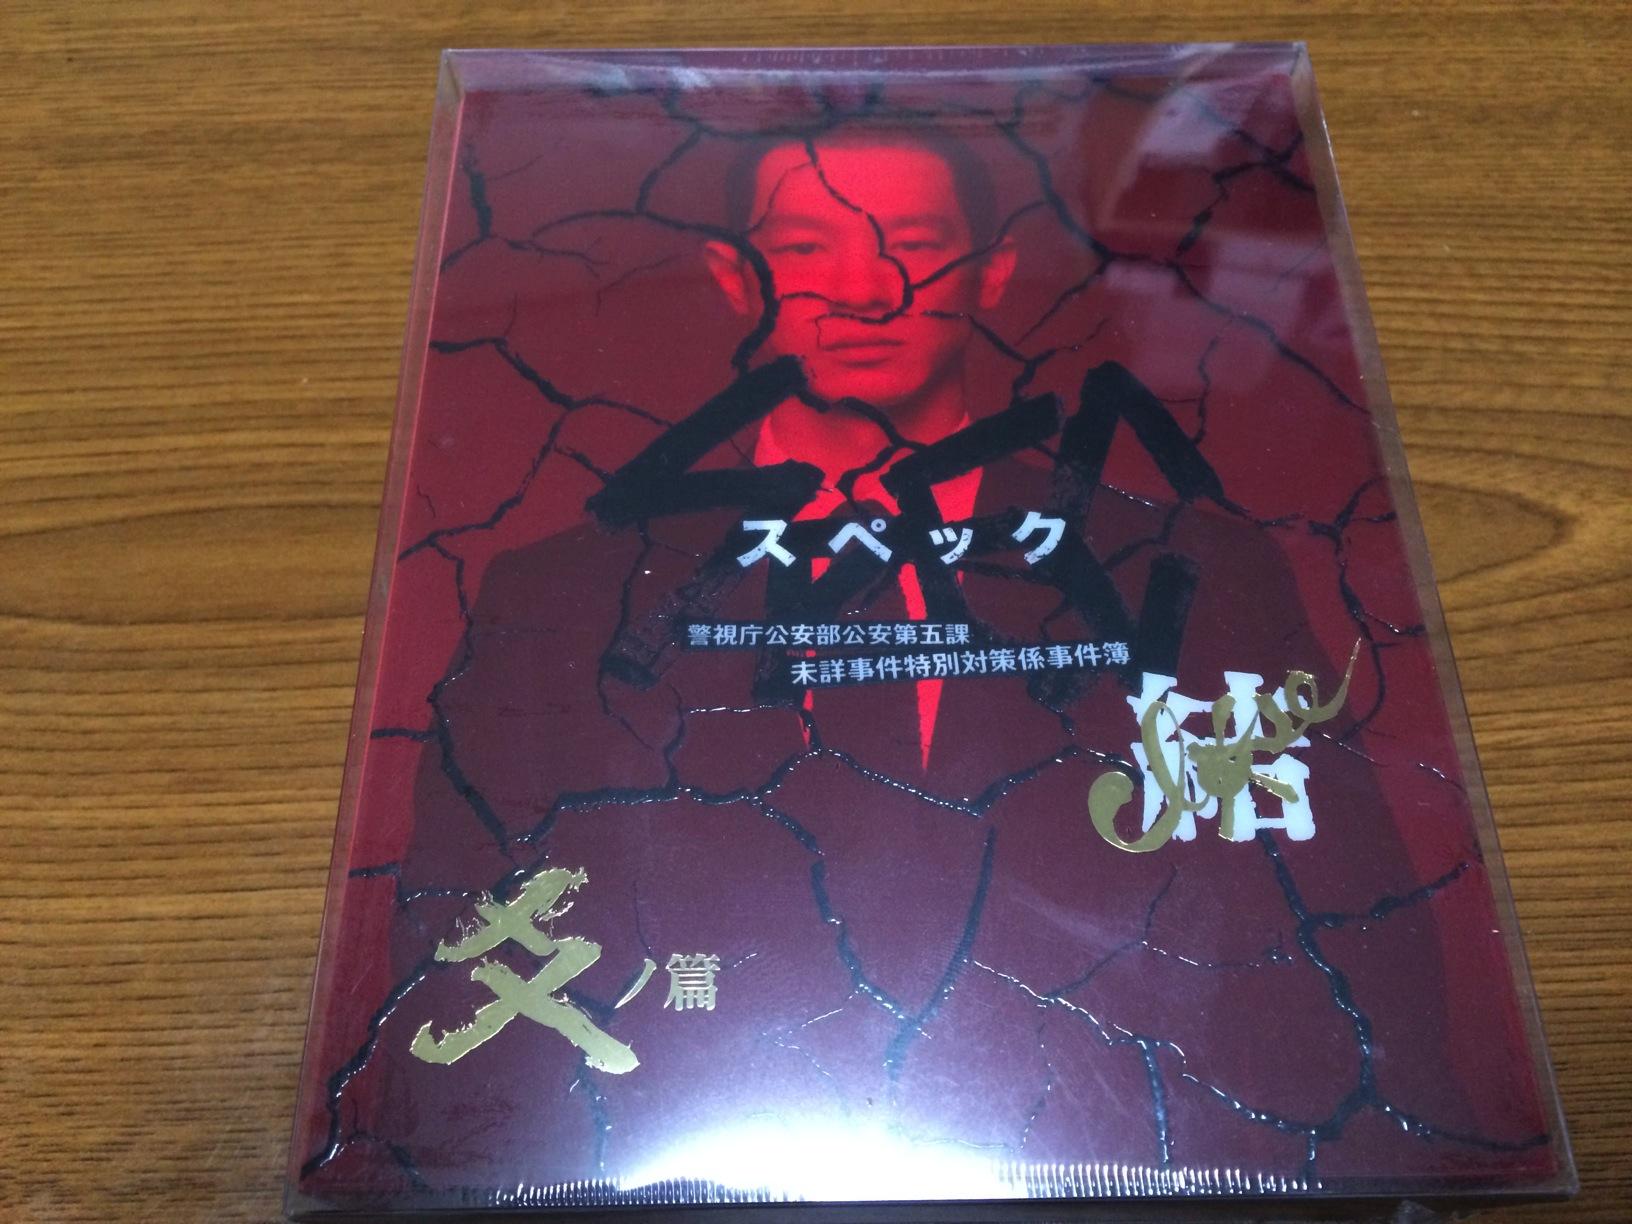 Spec close kounohen dvd blu ray 01